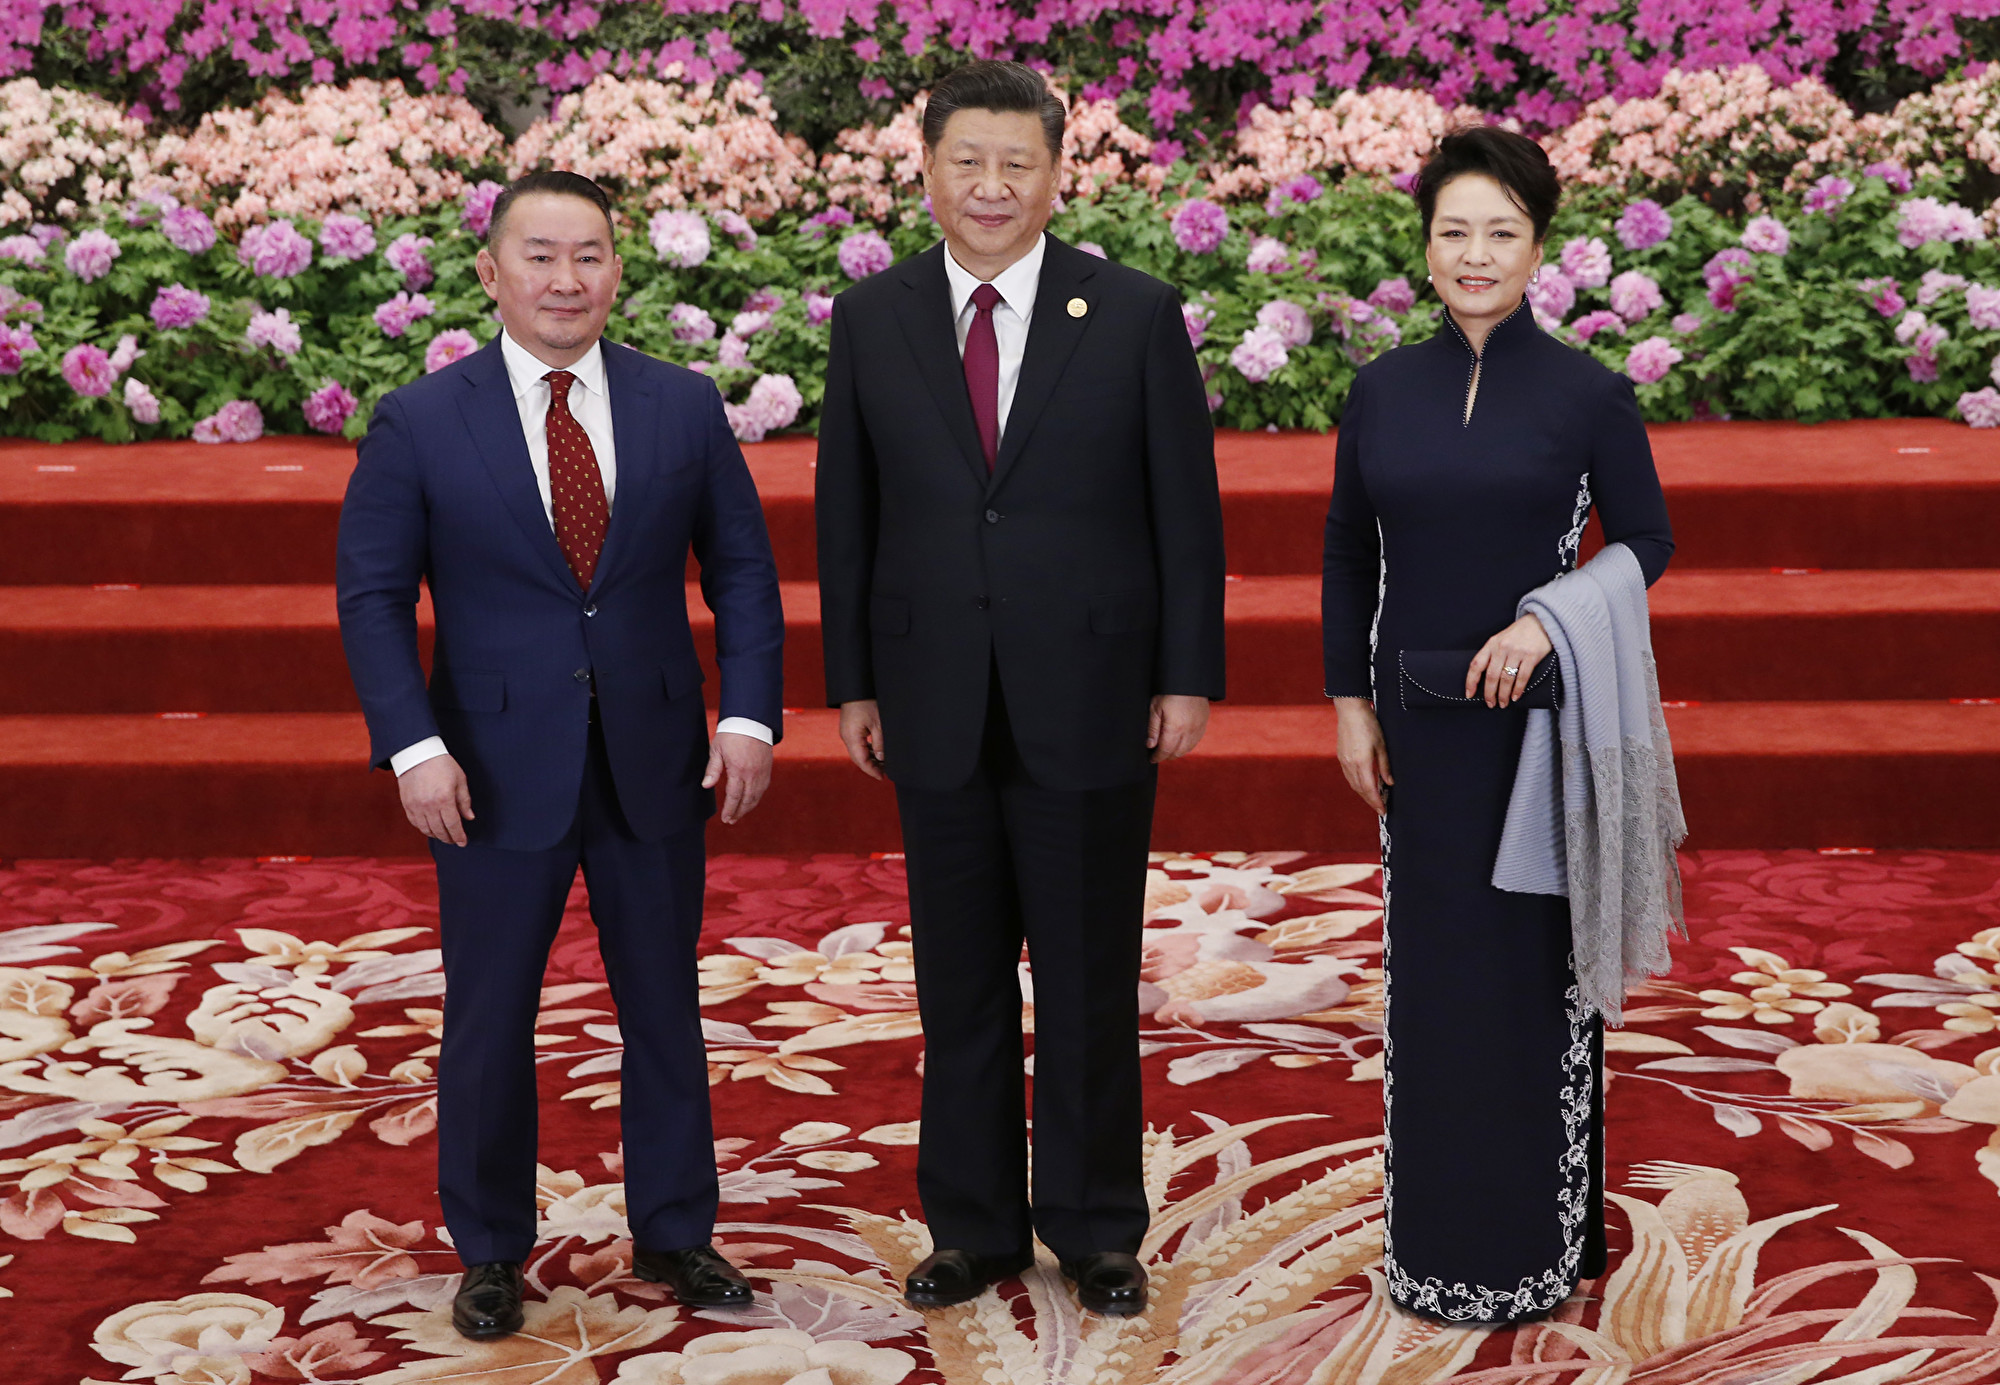 蒙古總統巴特圖勒嘎在2月28日結束訪華行程後返國,隨即被隔離14天。圖為2019年4月26日,巴特圖勒嘎(圖左)在訪問中國時與習近平伉儷合照。(Jason Lee – Pool/Getty Images)